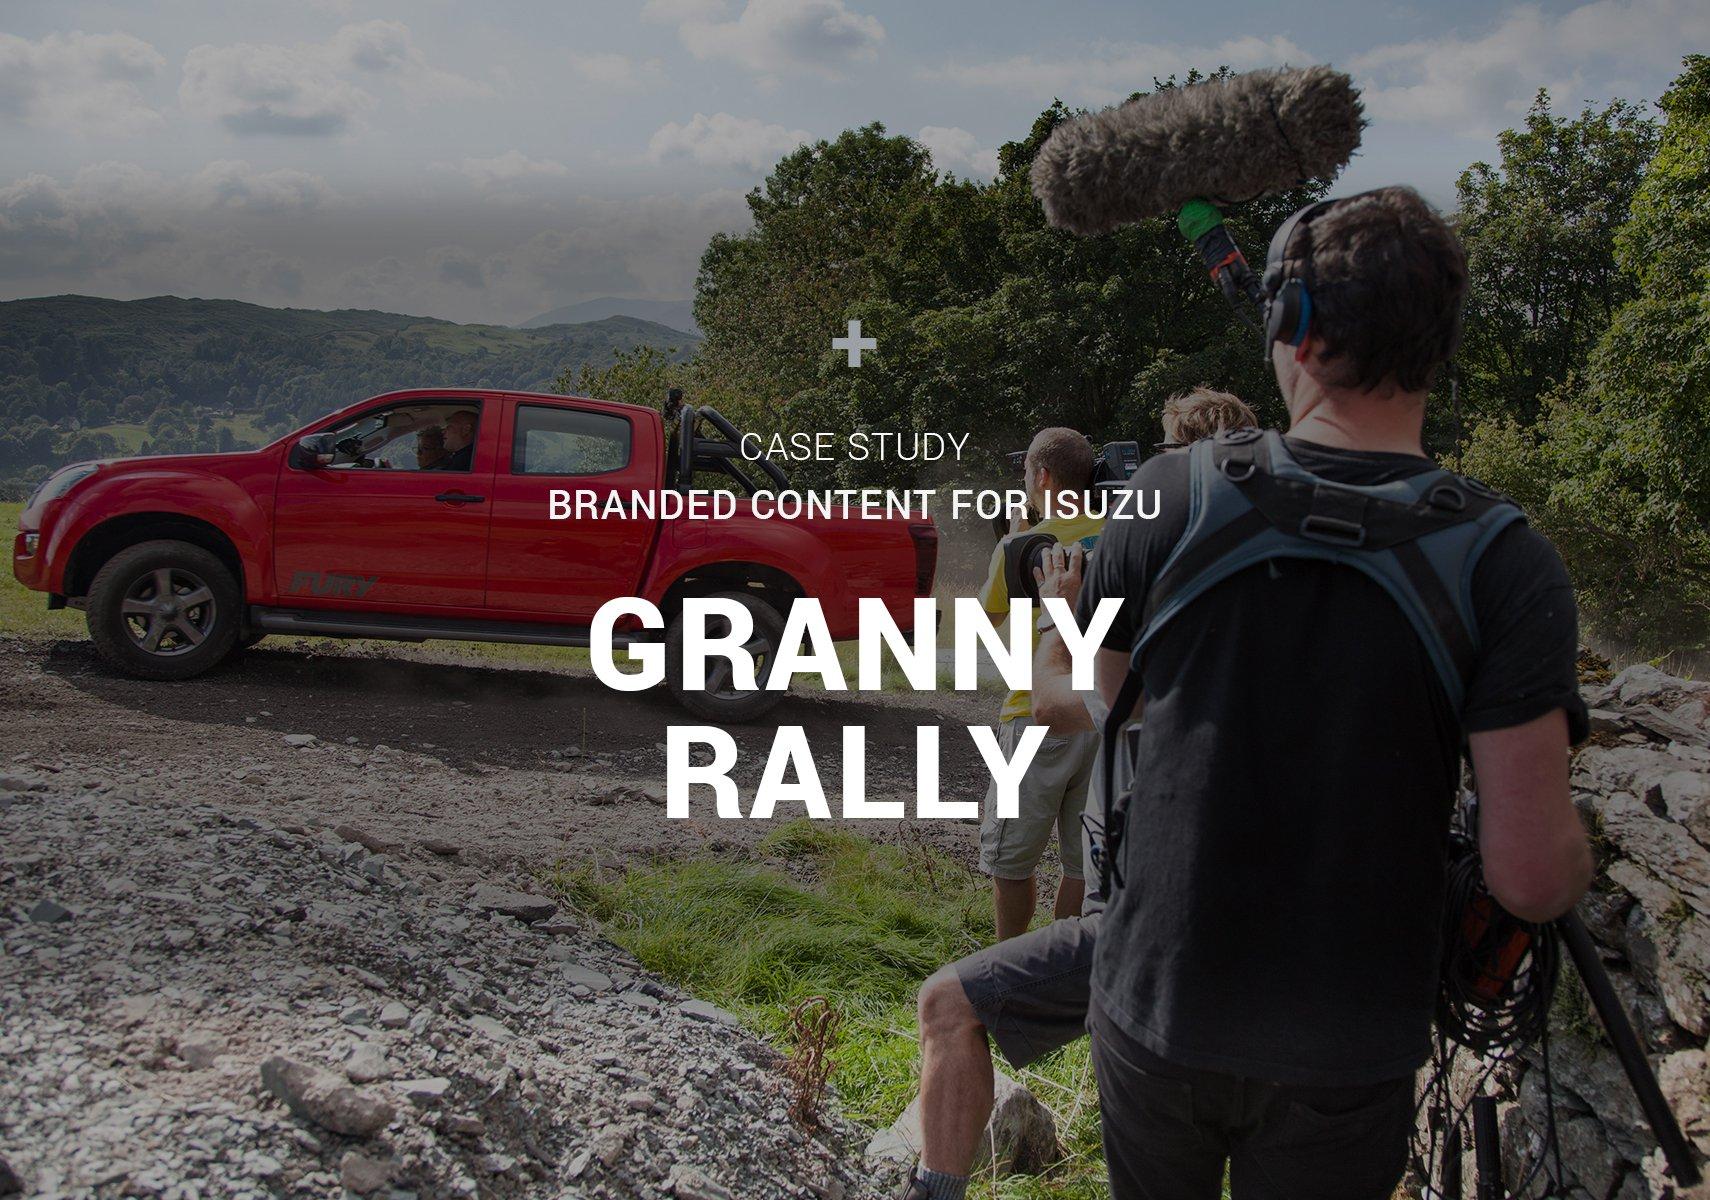 Granny Rally